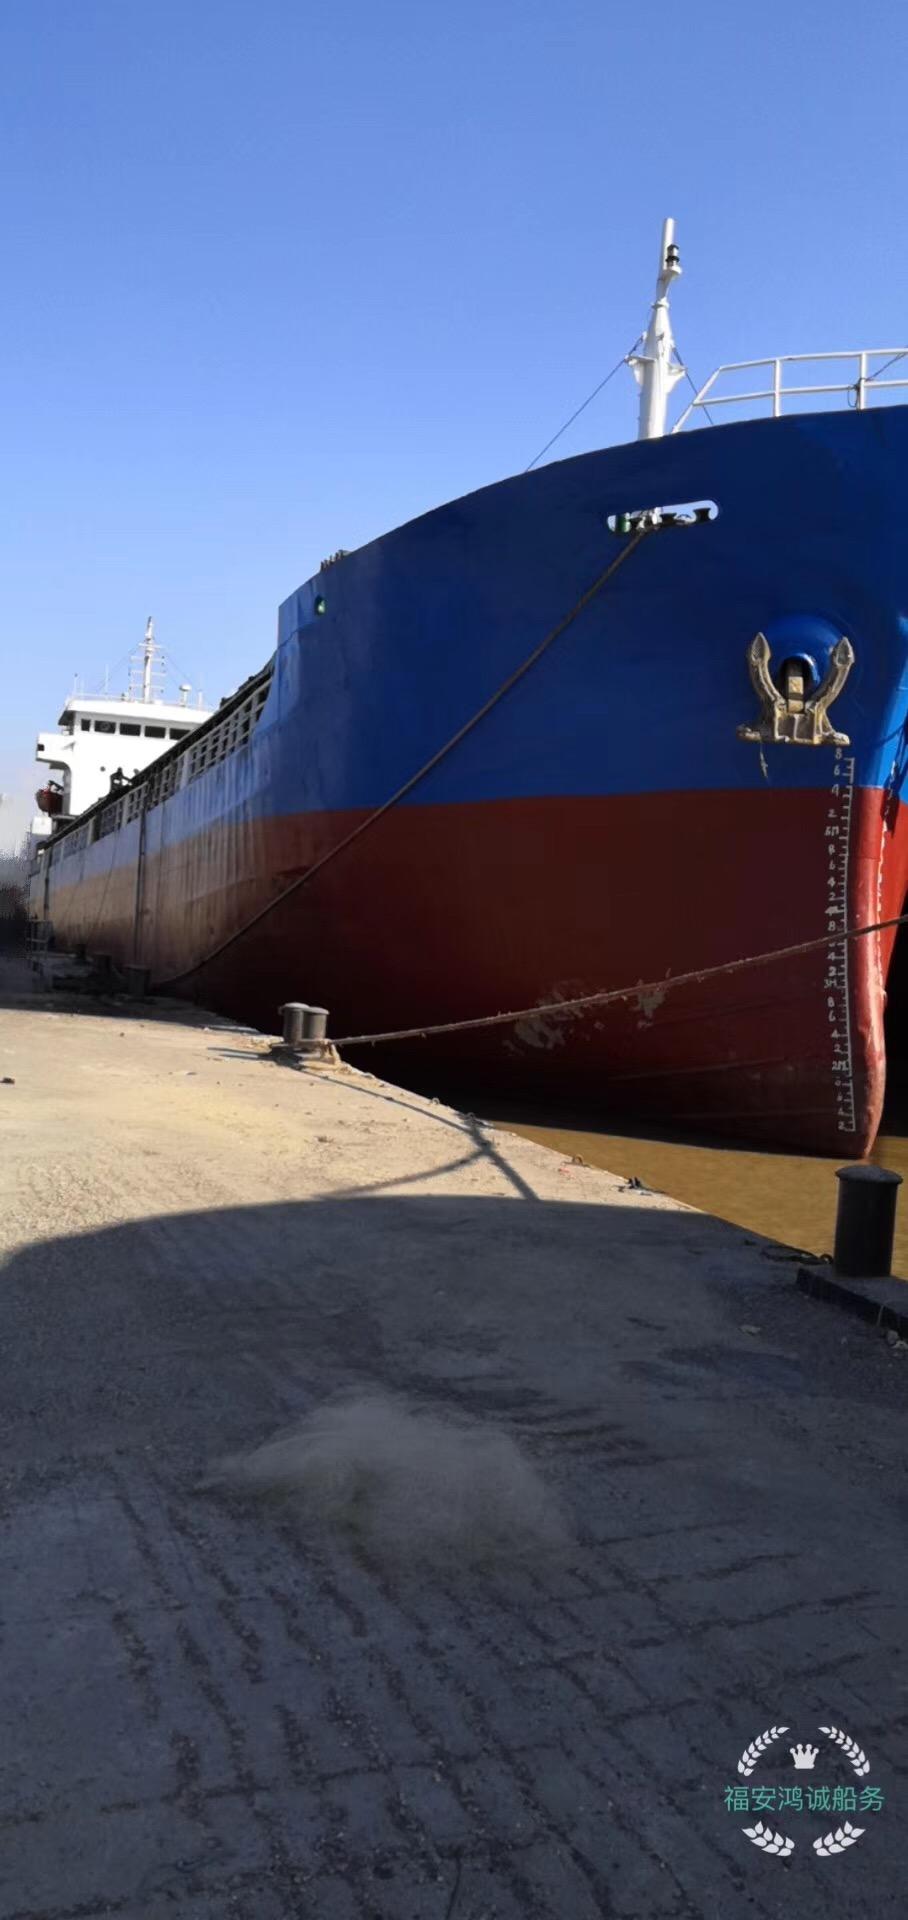 出售3500吨干货船